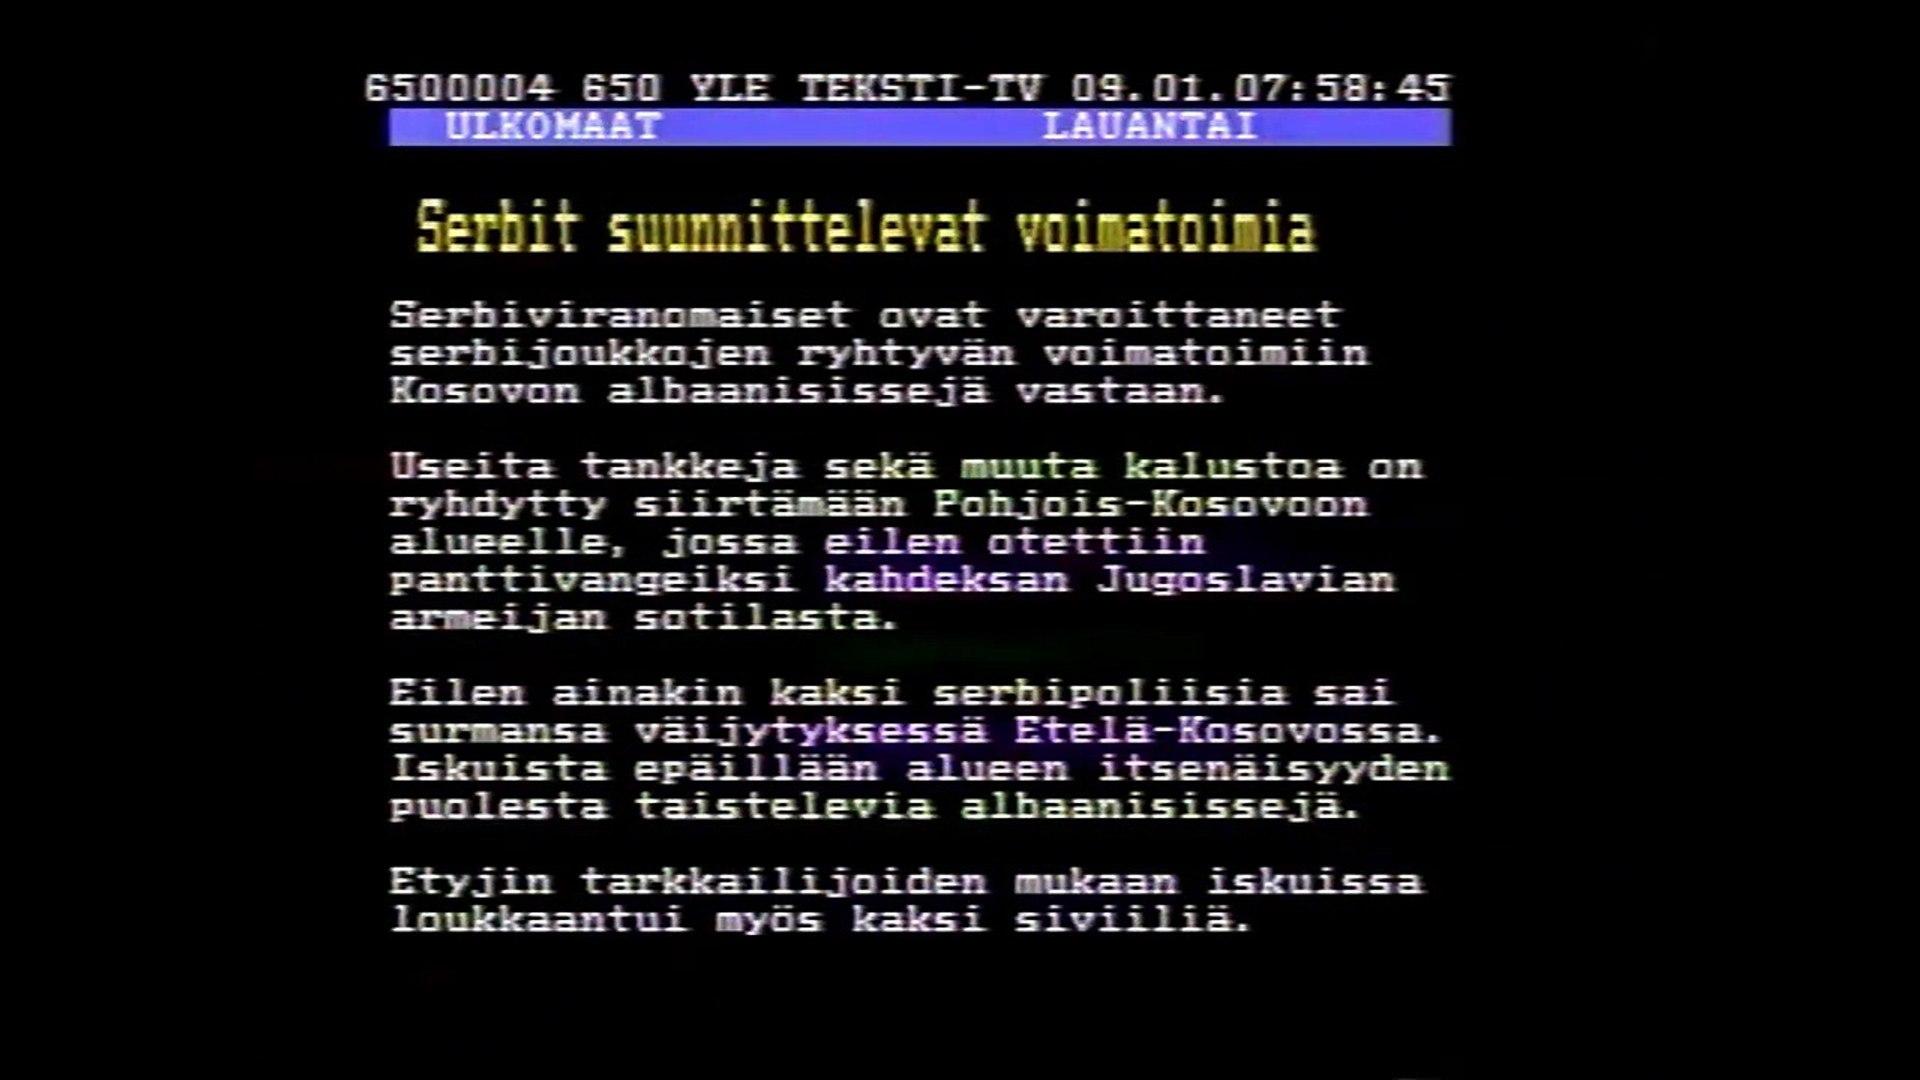 Yle Teksti Tv 471